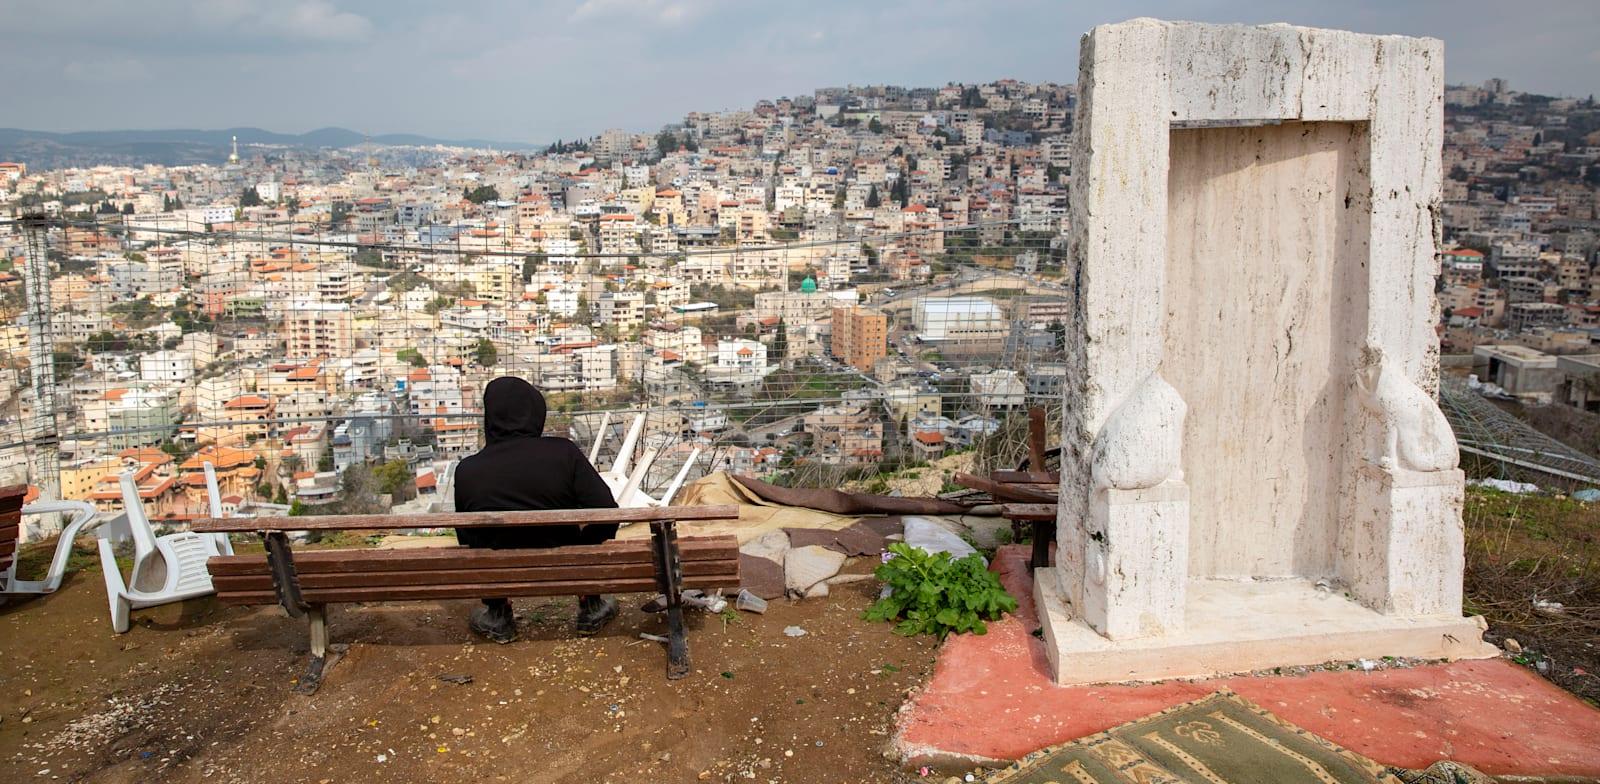 צעיר צופה על העיר אום אל פאחם / צילום: Associated Press, Oded Balilty